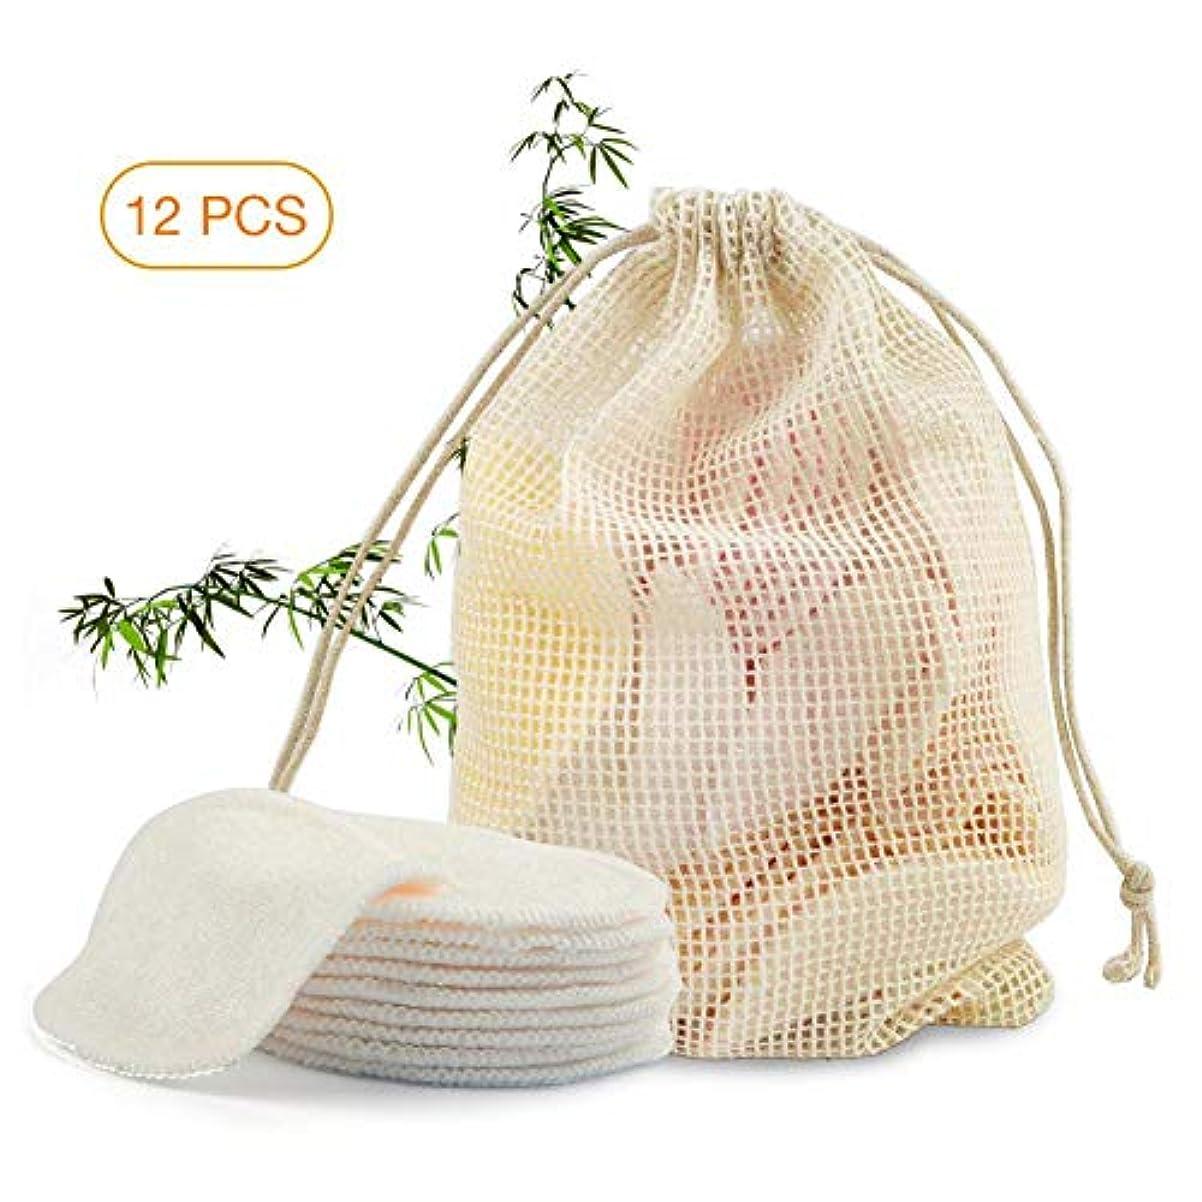 教えて木チャンピオンシップ12Pcs 化粧リムーバーパッド 層竹繊維 化粧リムーバー 洗える 化粧コットン 洗浄顔スキンクリーニング 8センチ